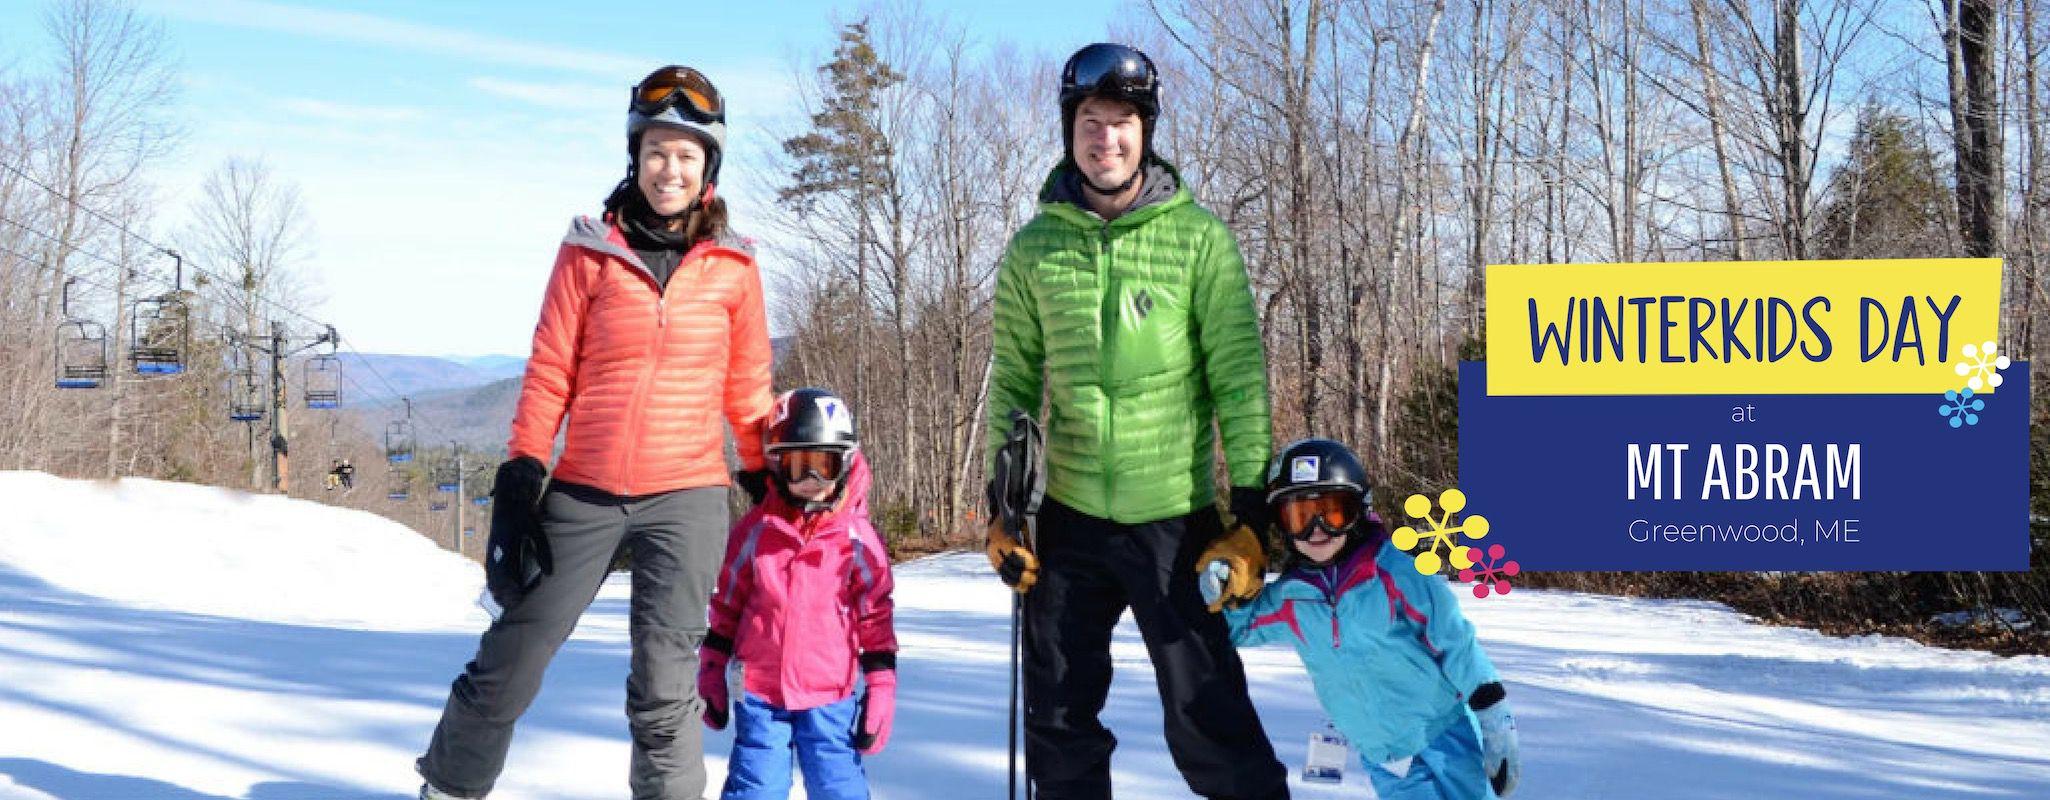 WinterKids Day Mt Abram 2019